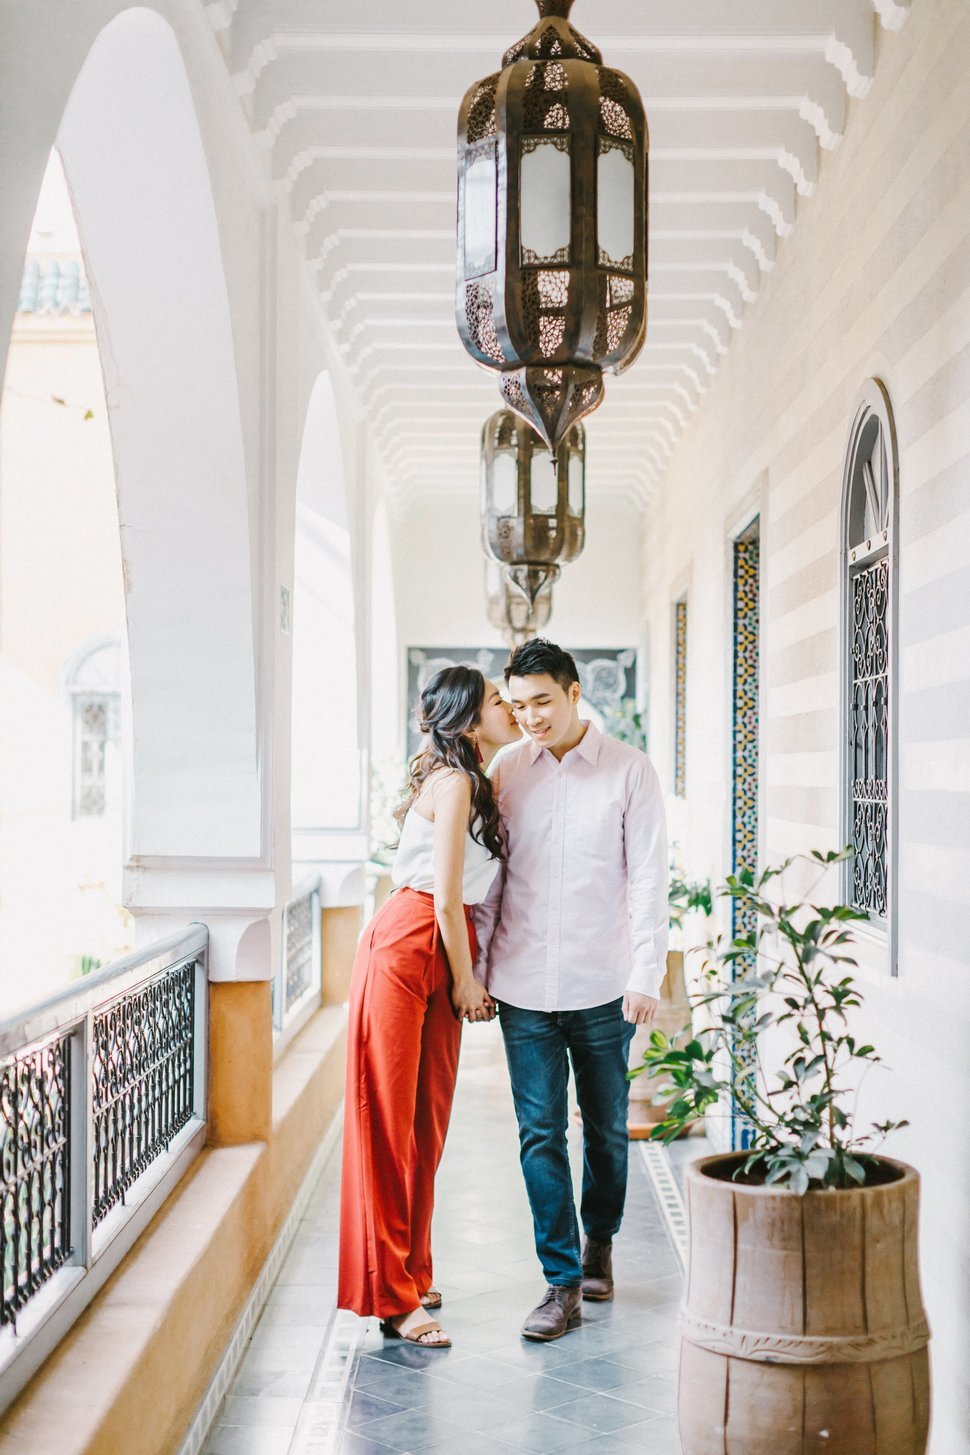 美式婚紗-自助婚紗-海外婚紗-摩洛哥婚紗-Amazing Grace攝影- Amazing Grace Studio-台北婚紗-台中婚紗-美式婚攝37 - Amazing Grace Studio《結婚吧》